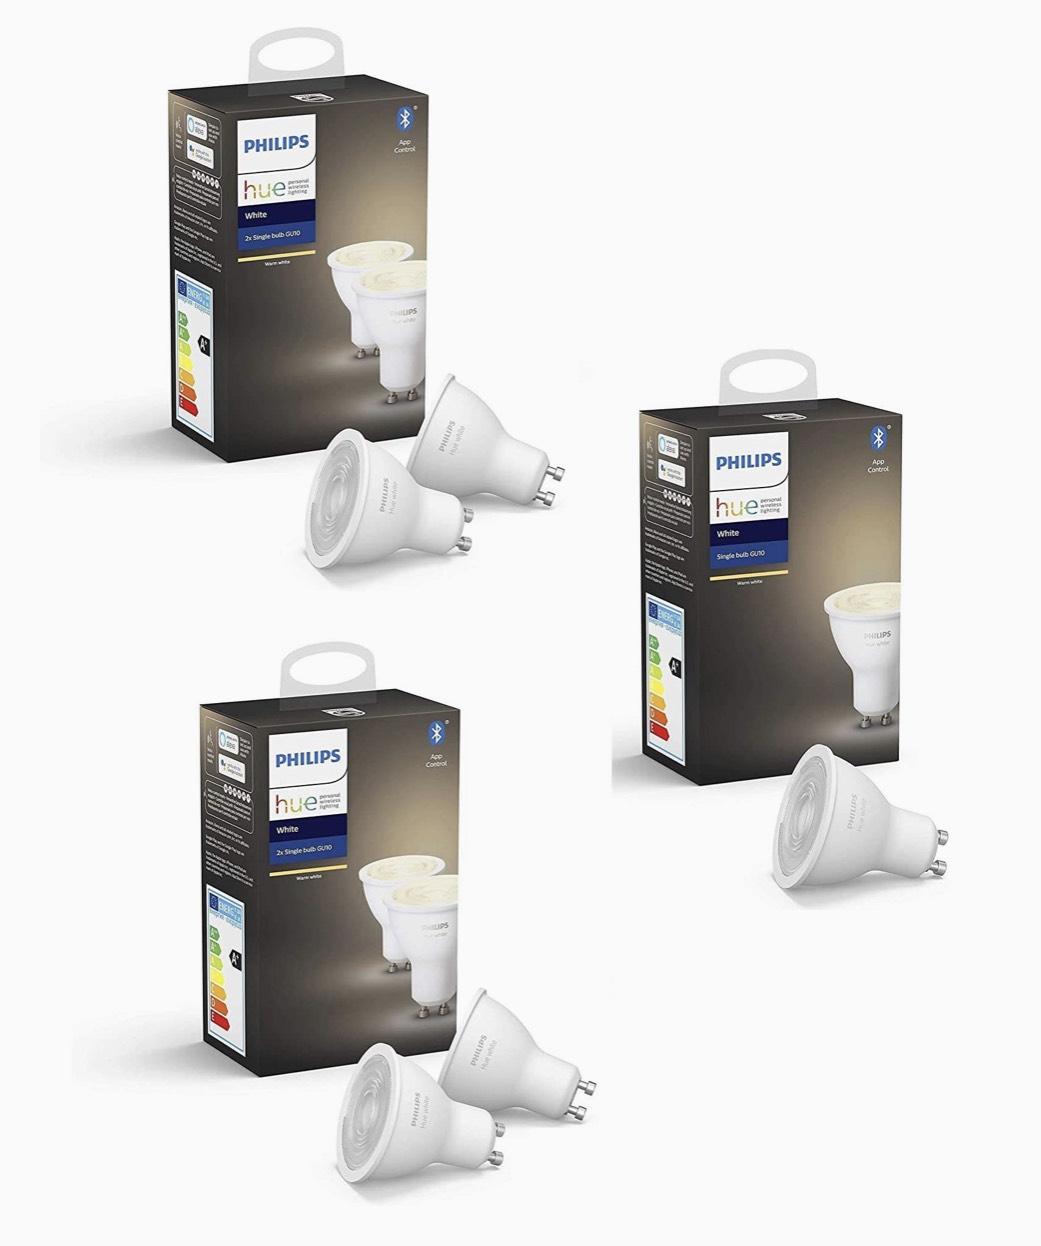 Pack de 5 ampoules Philips Hue GU10 White (vendeurs tiers)